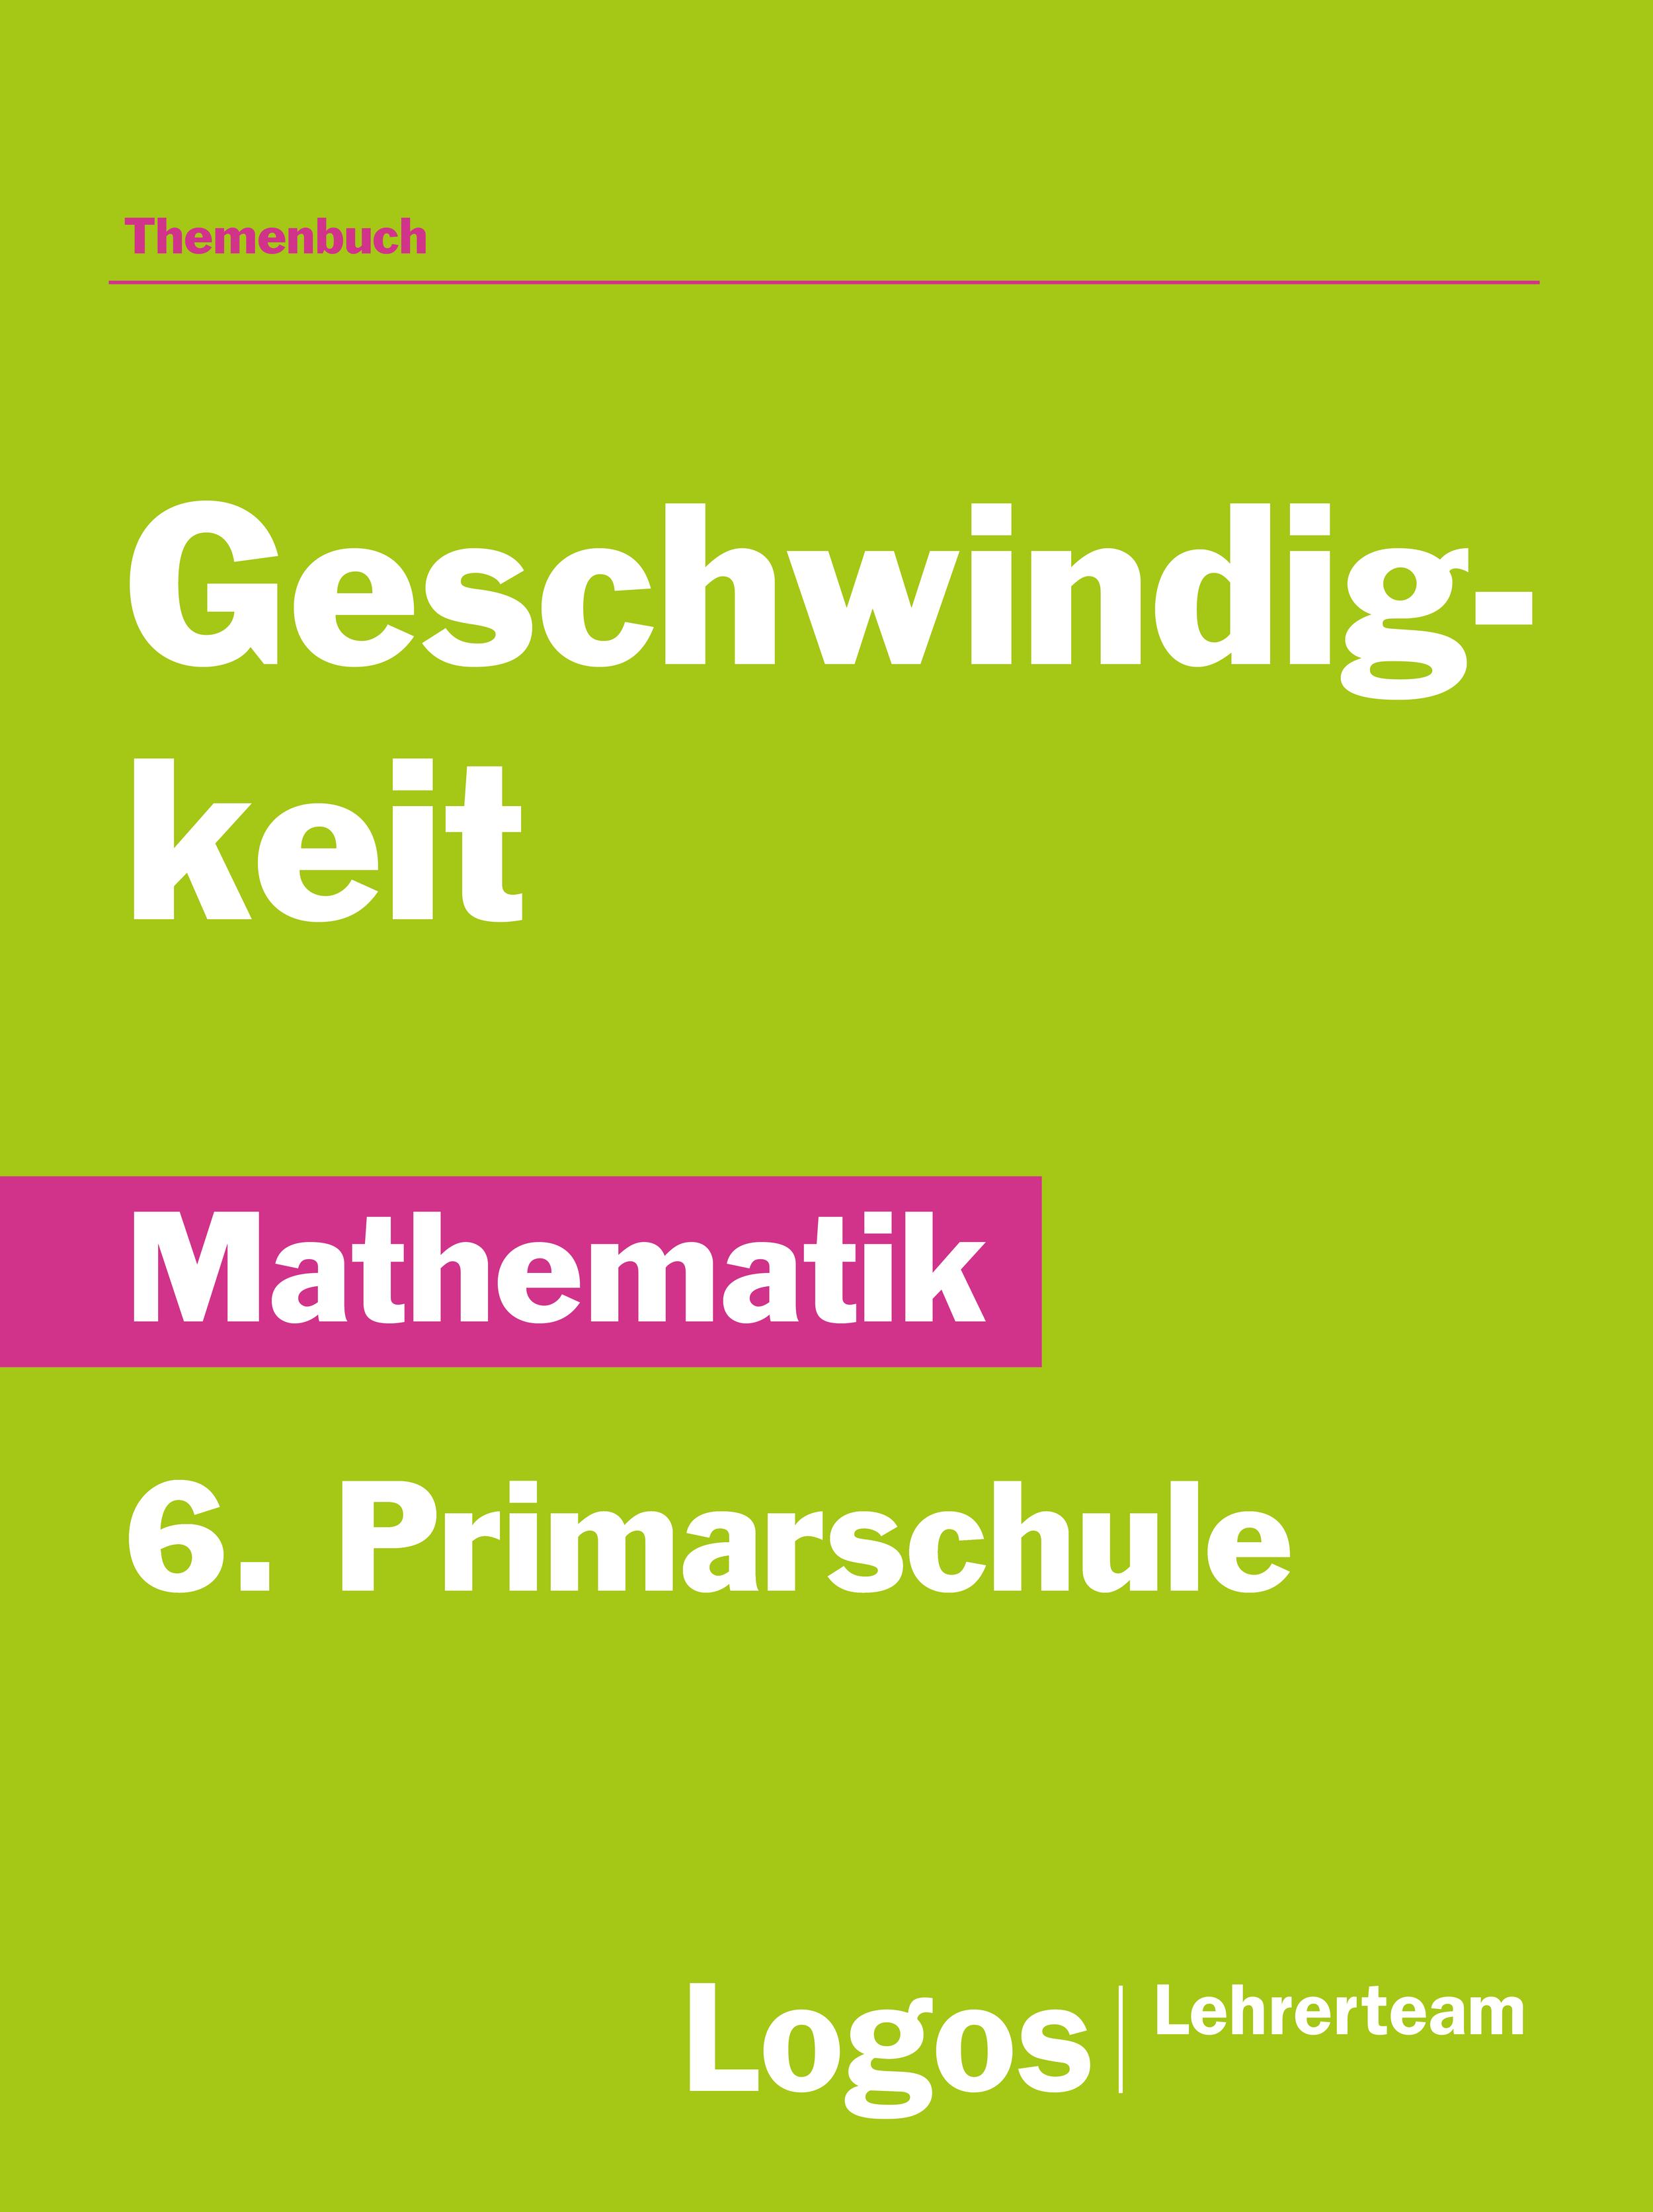 Mathematik Geschwindigkeit - Primar